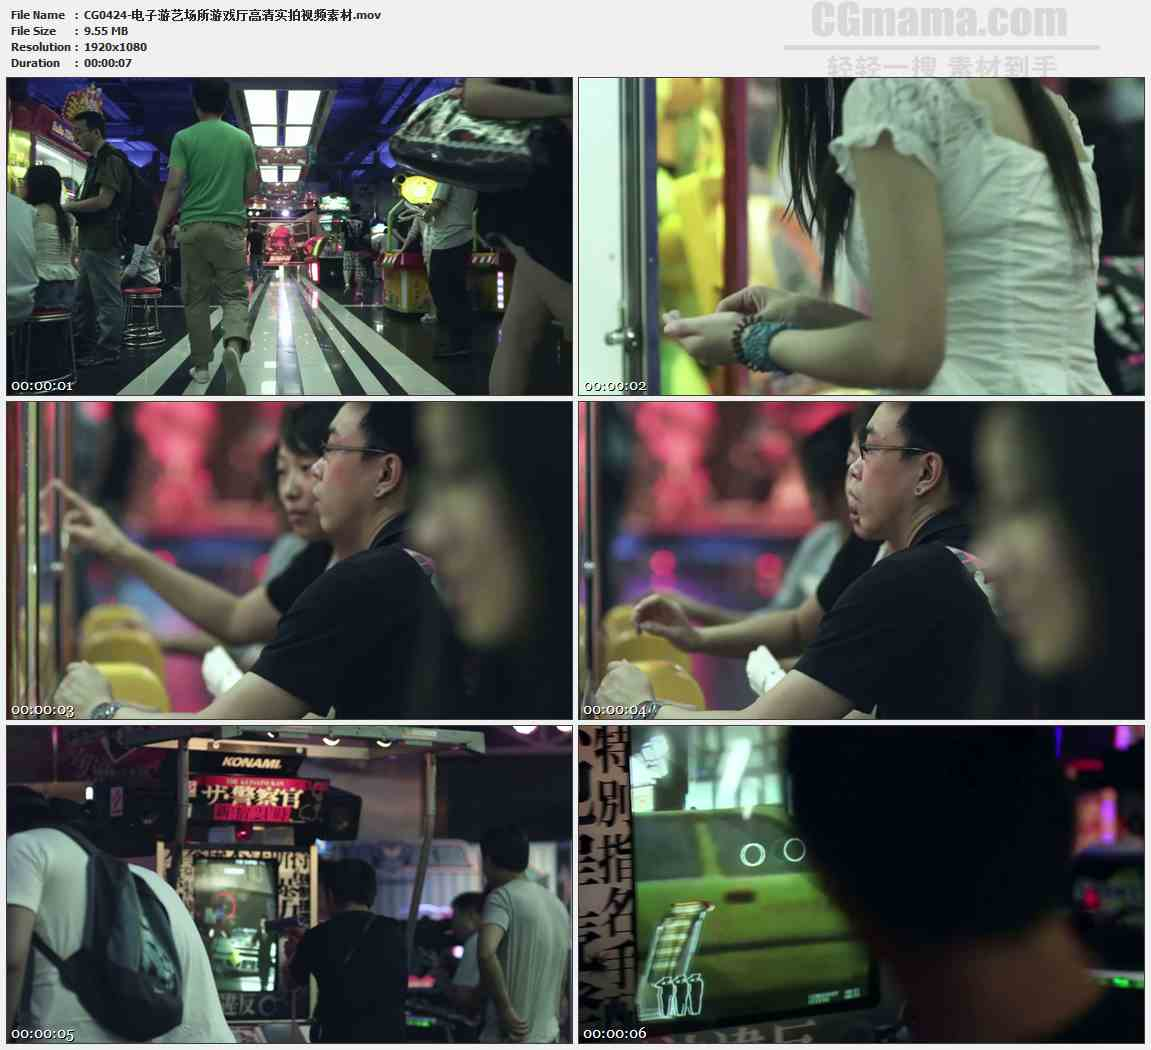 CG0424-电子游艺场所游戏厅高清实拍视频素材